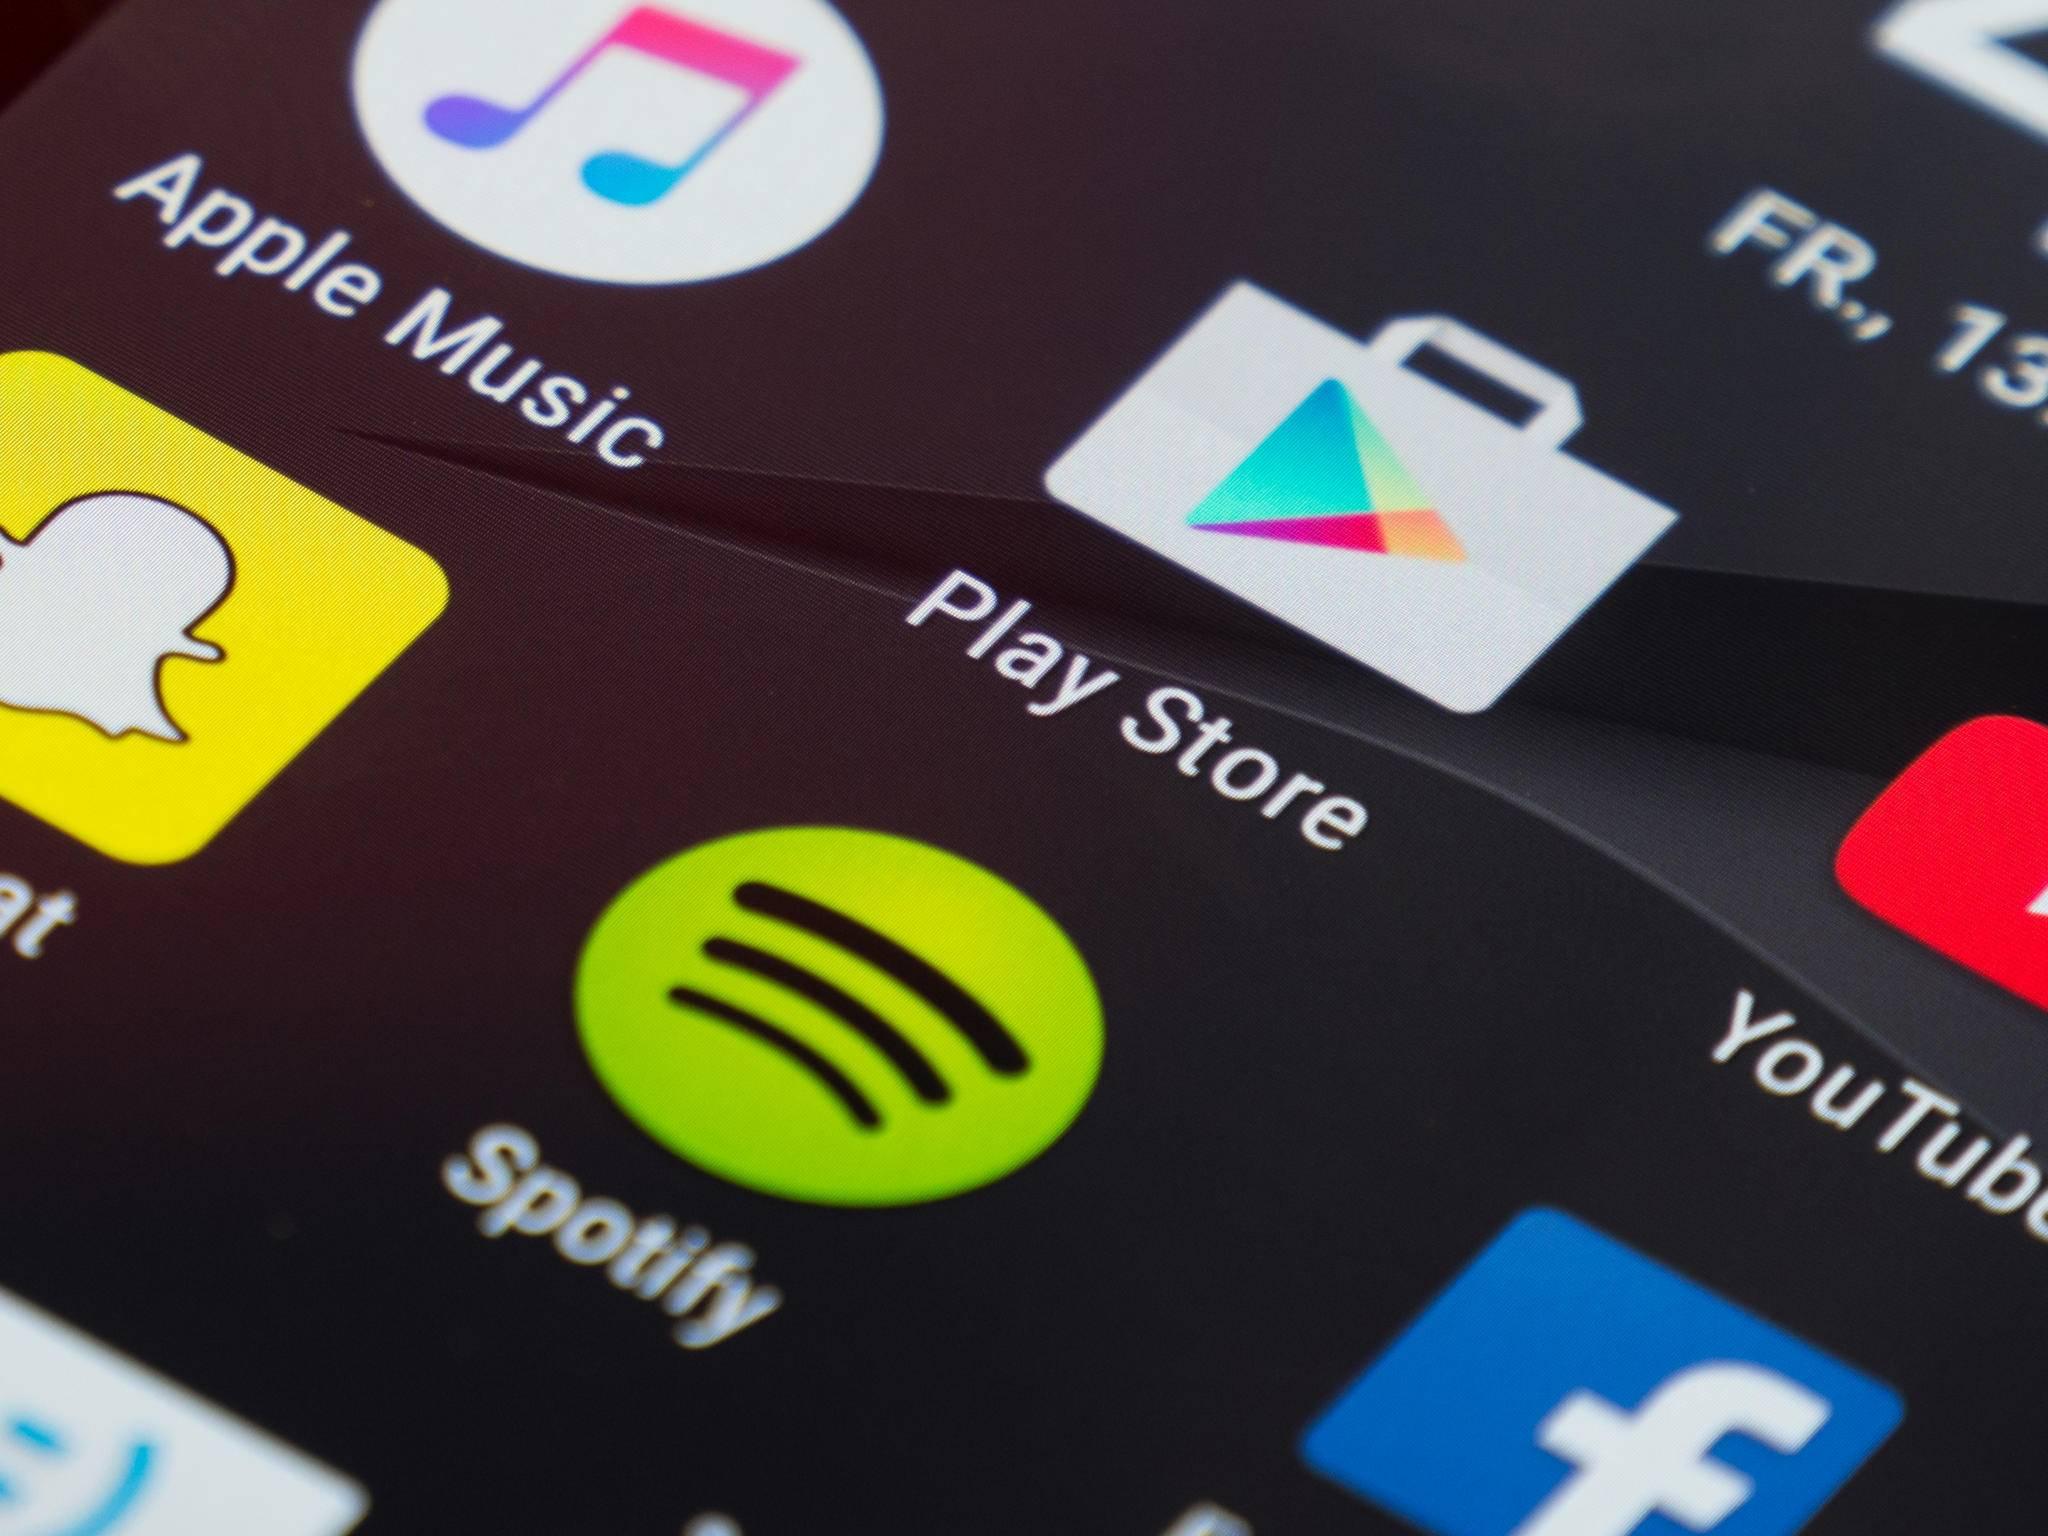 Der Play Store ist nicht die einzige Quelle, aus der Pixel-Besitzer ihre Inhalte bekommen.